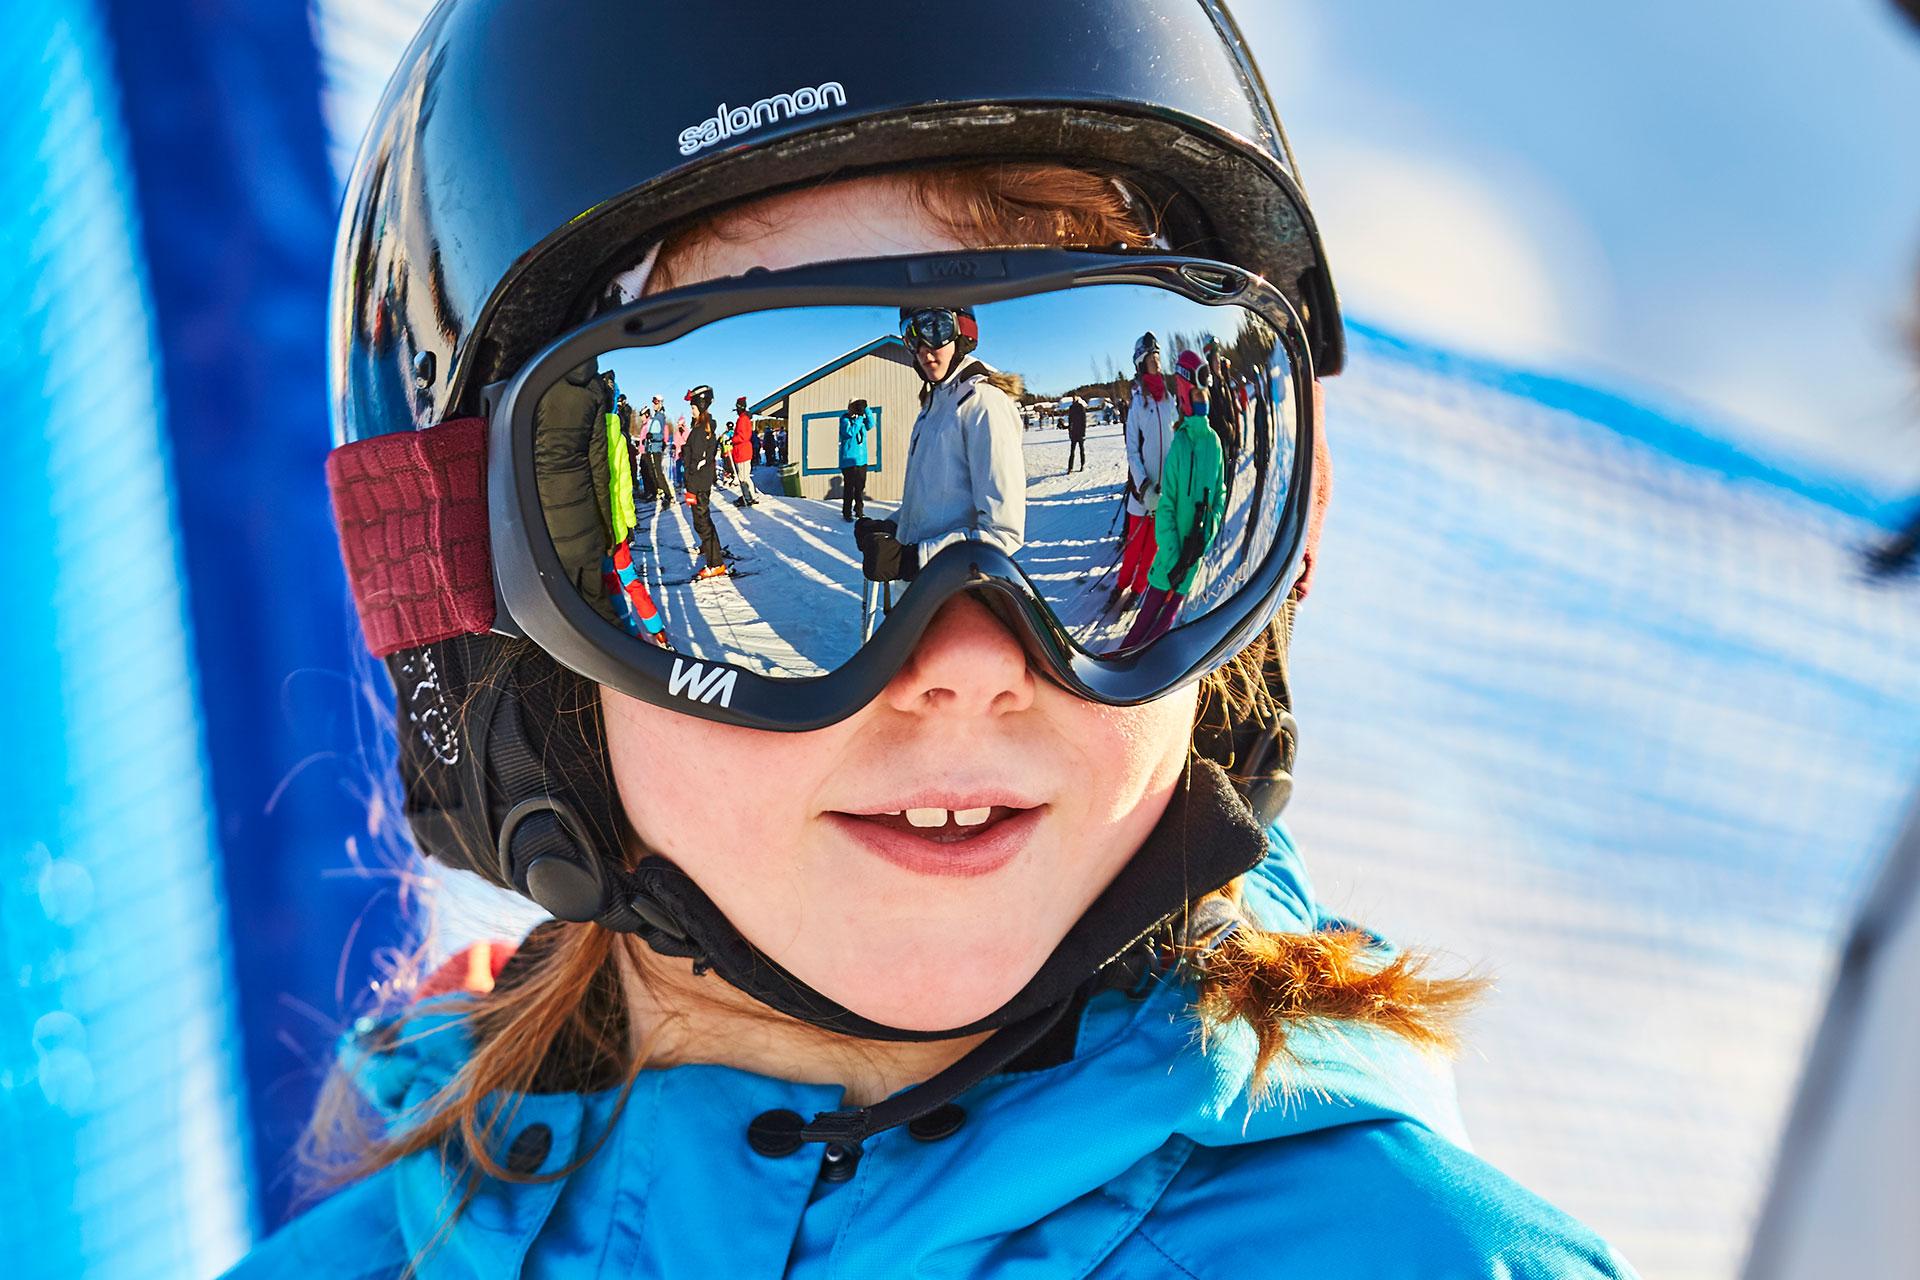 Entt barn med stora skidglasögon åker slalom på Vedbobacken i Västerås. Fotograf: Pia Nordlander